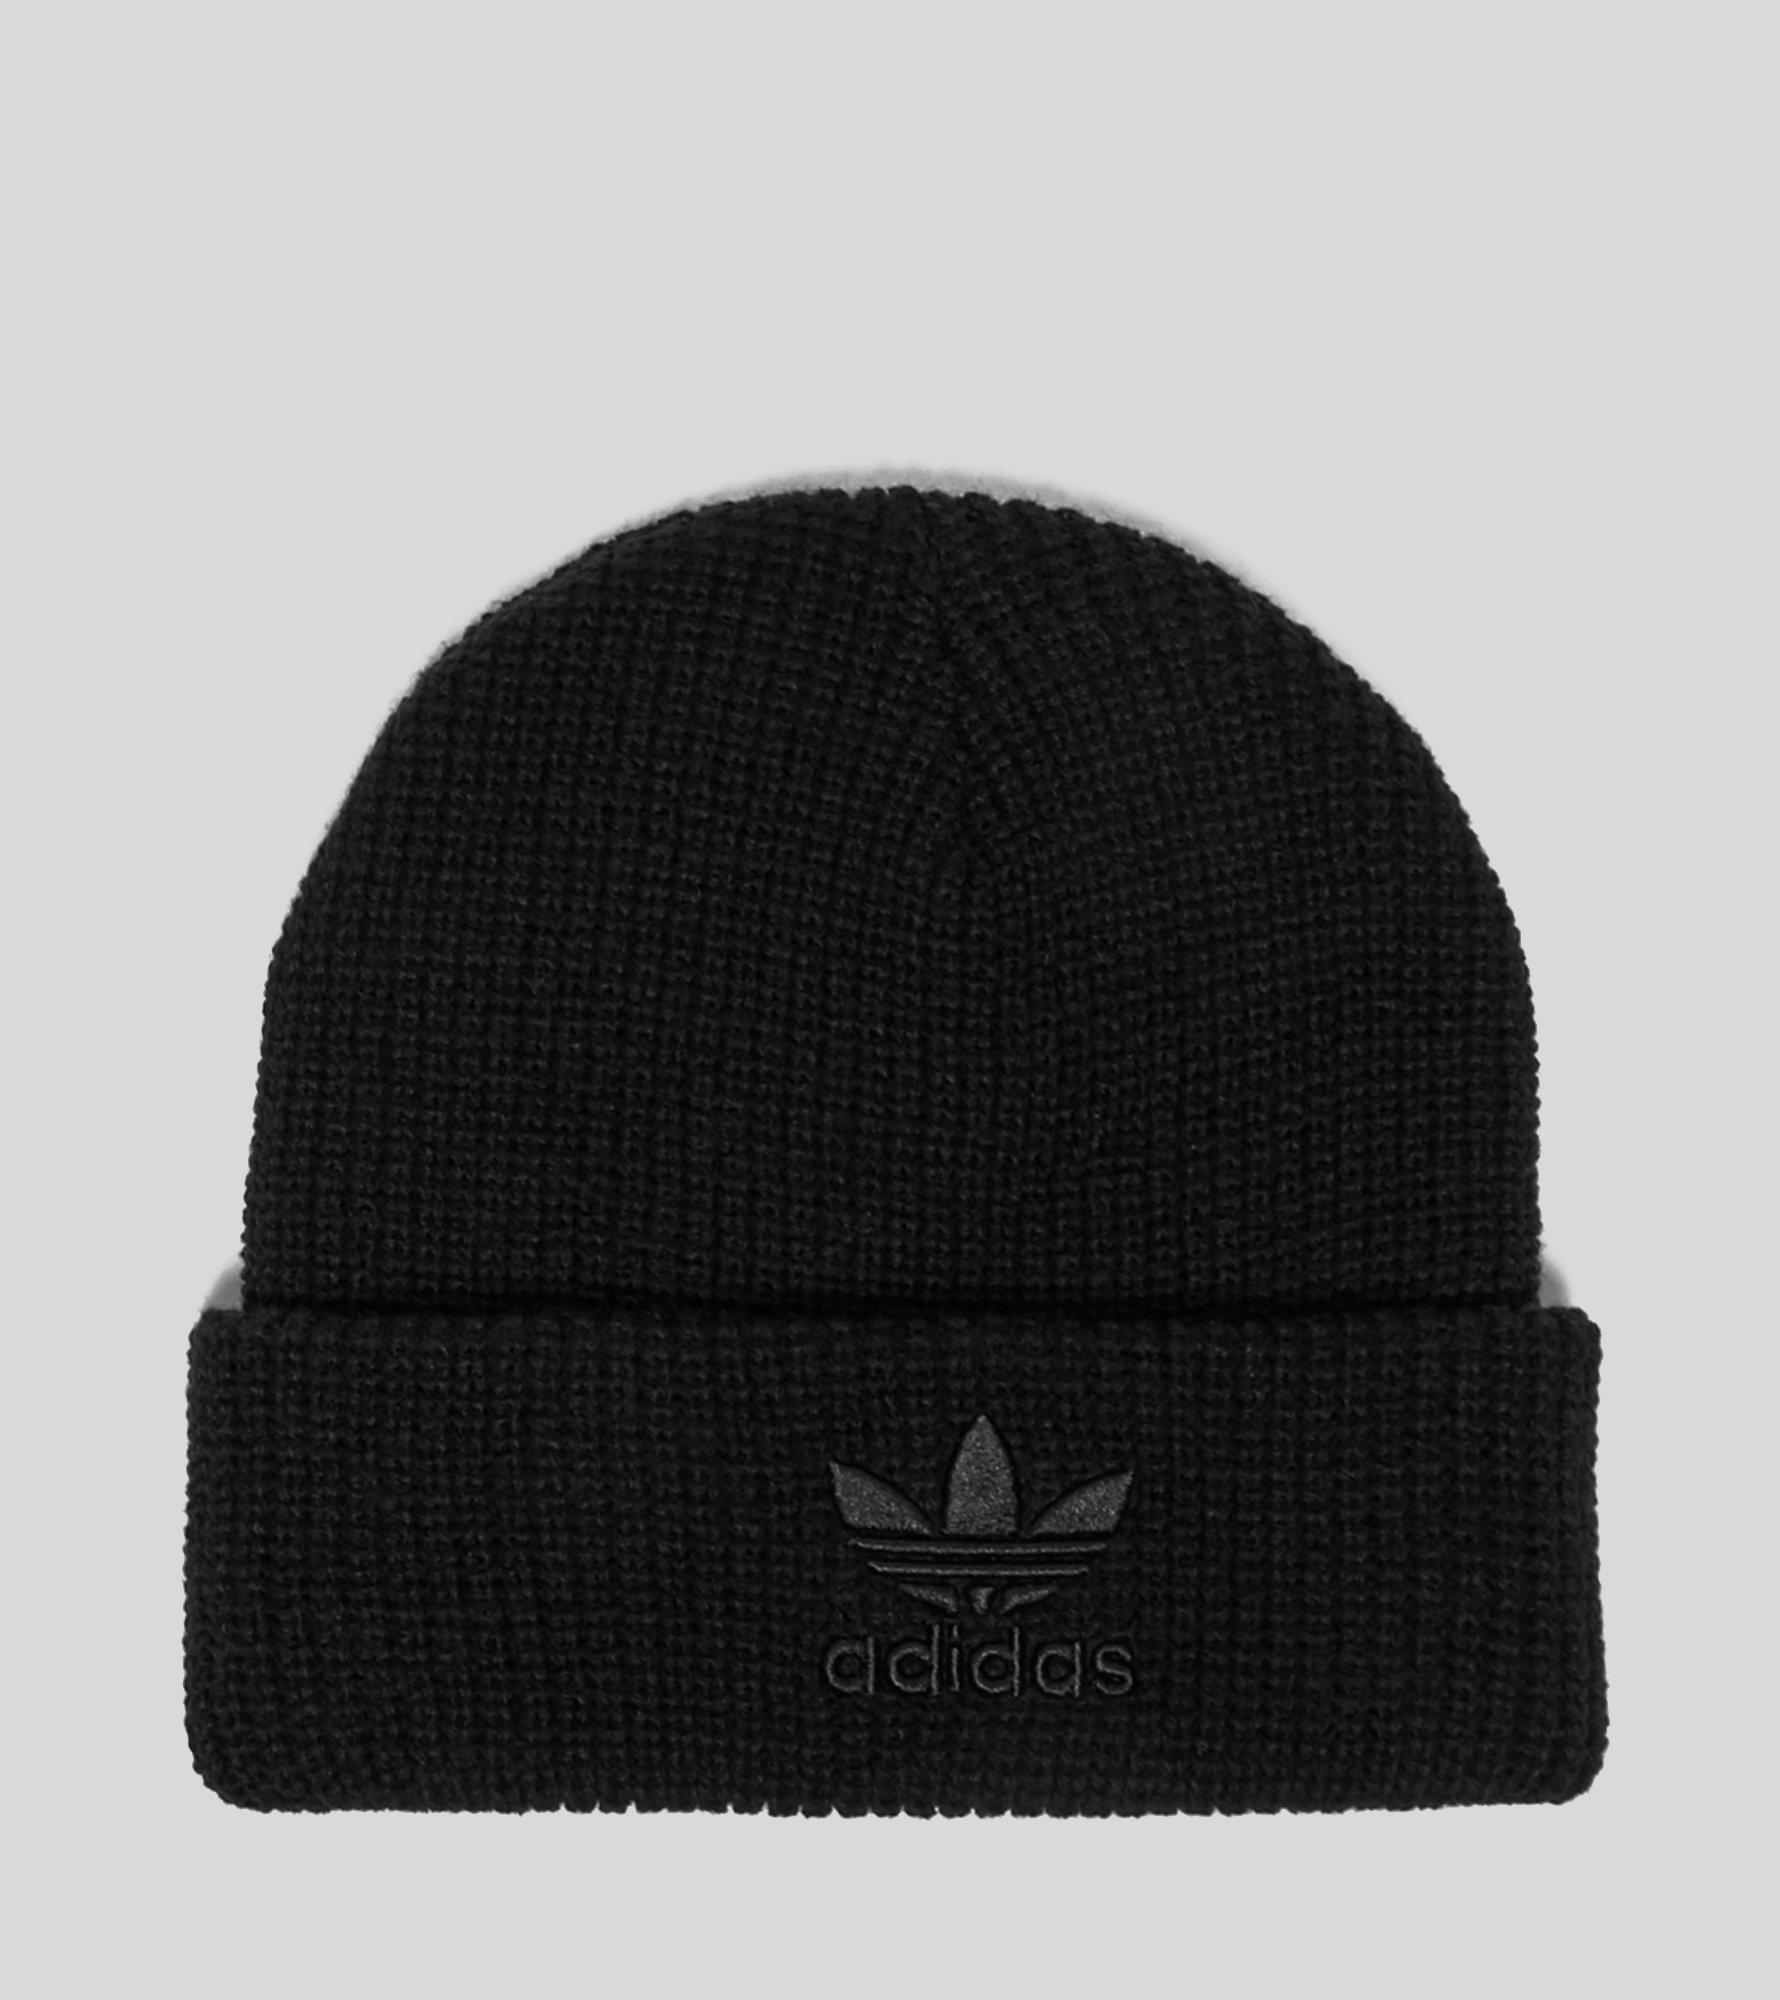 39ccaed13d3ca Lyst - Adidas Originals Tonal Trefoil Beanie in Black for Men